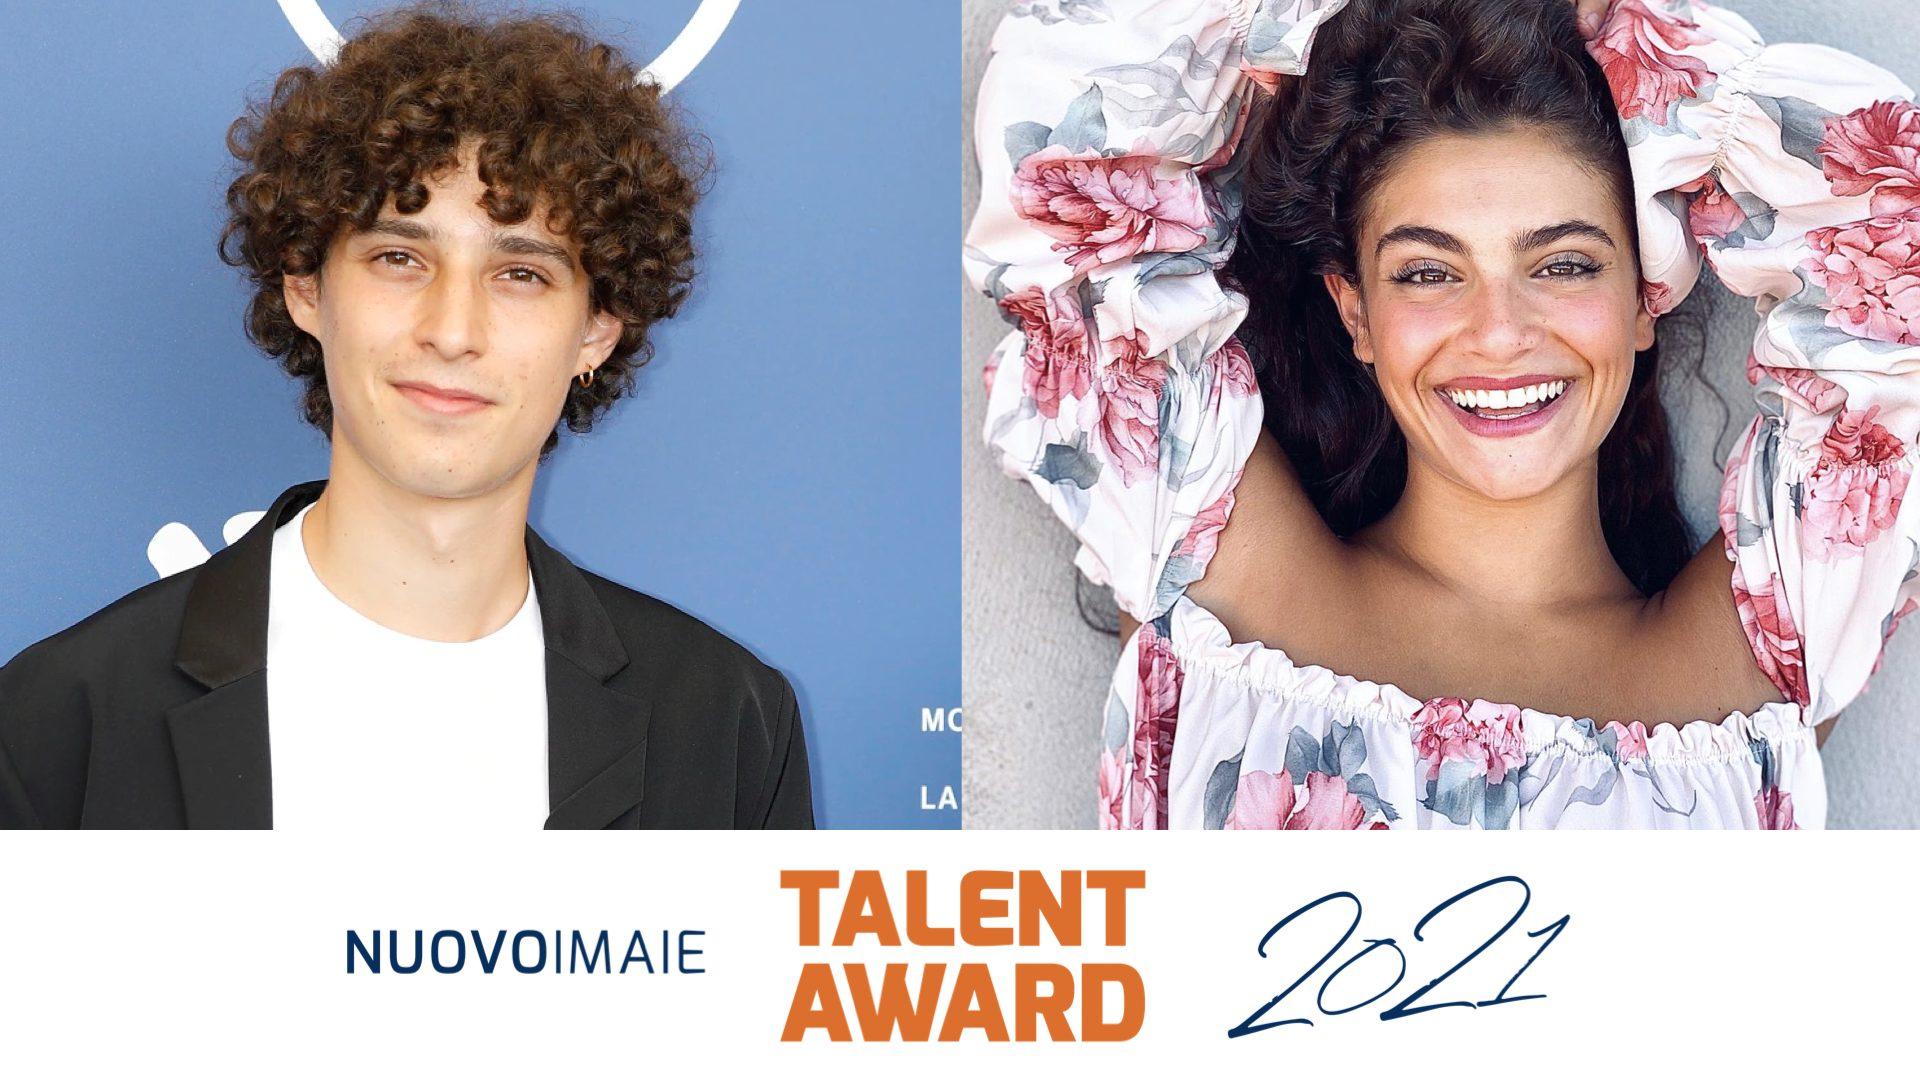 NUOVO IMAIE Talent Award 2021 ad Aurora Giovinazzo e Filippo Scotti 👏👏